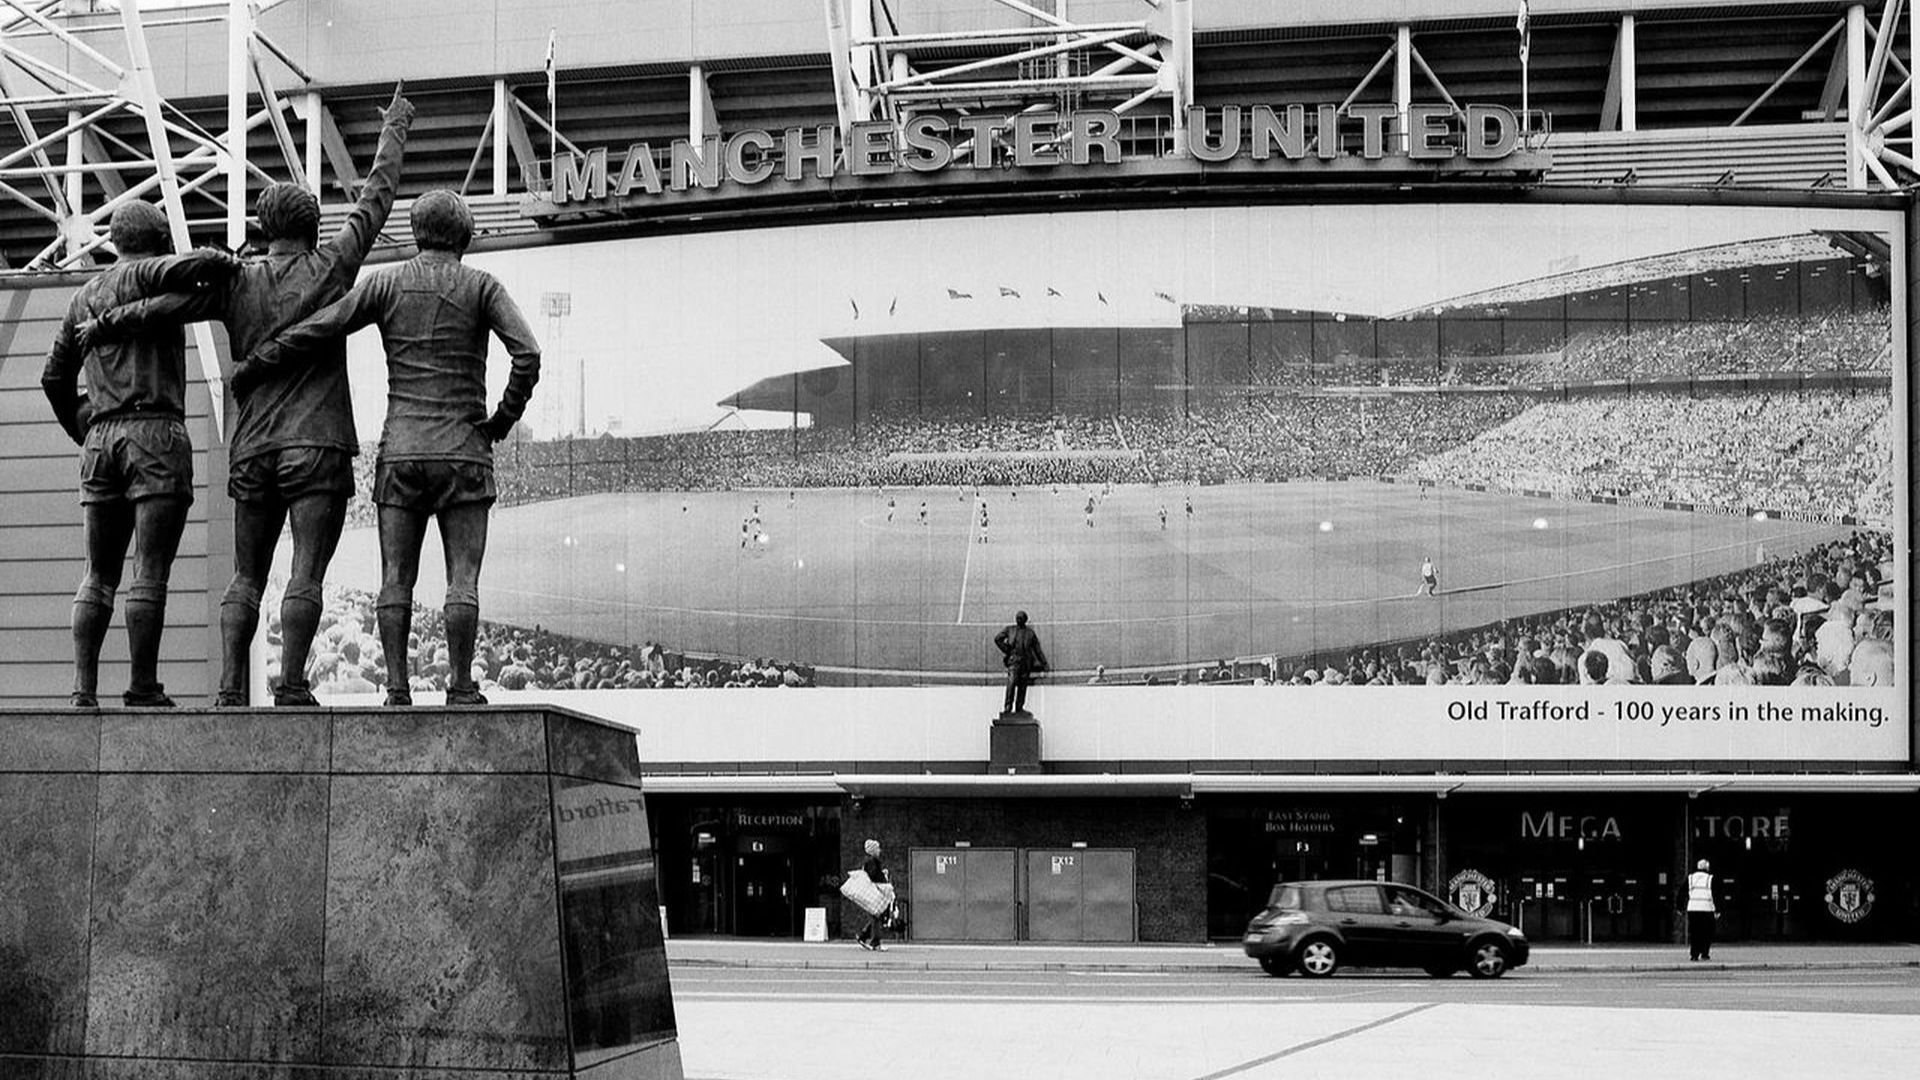 Ден първи на един 109-годишен футболен храм